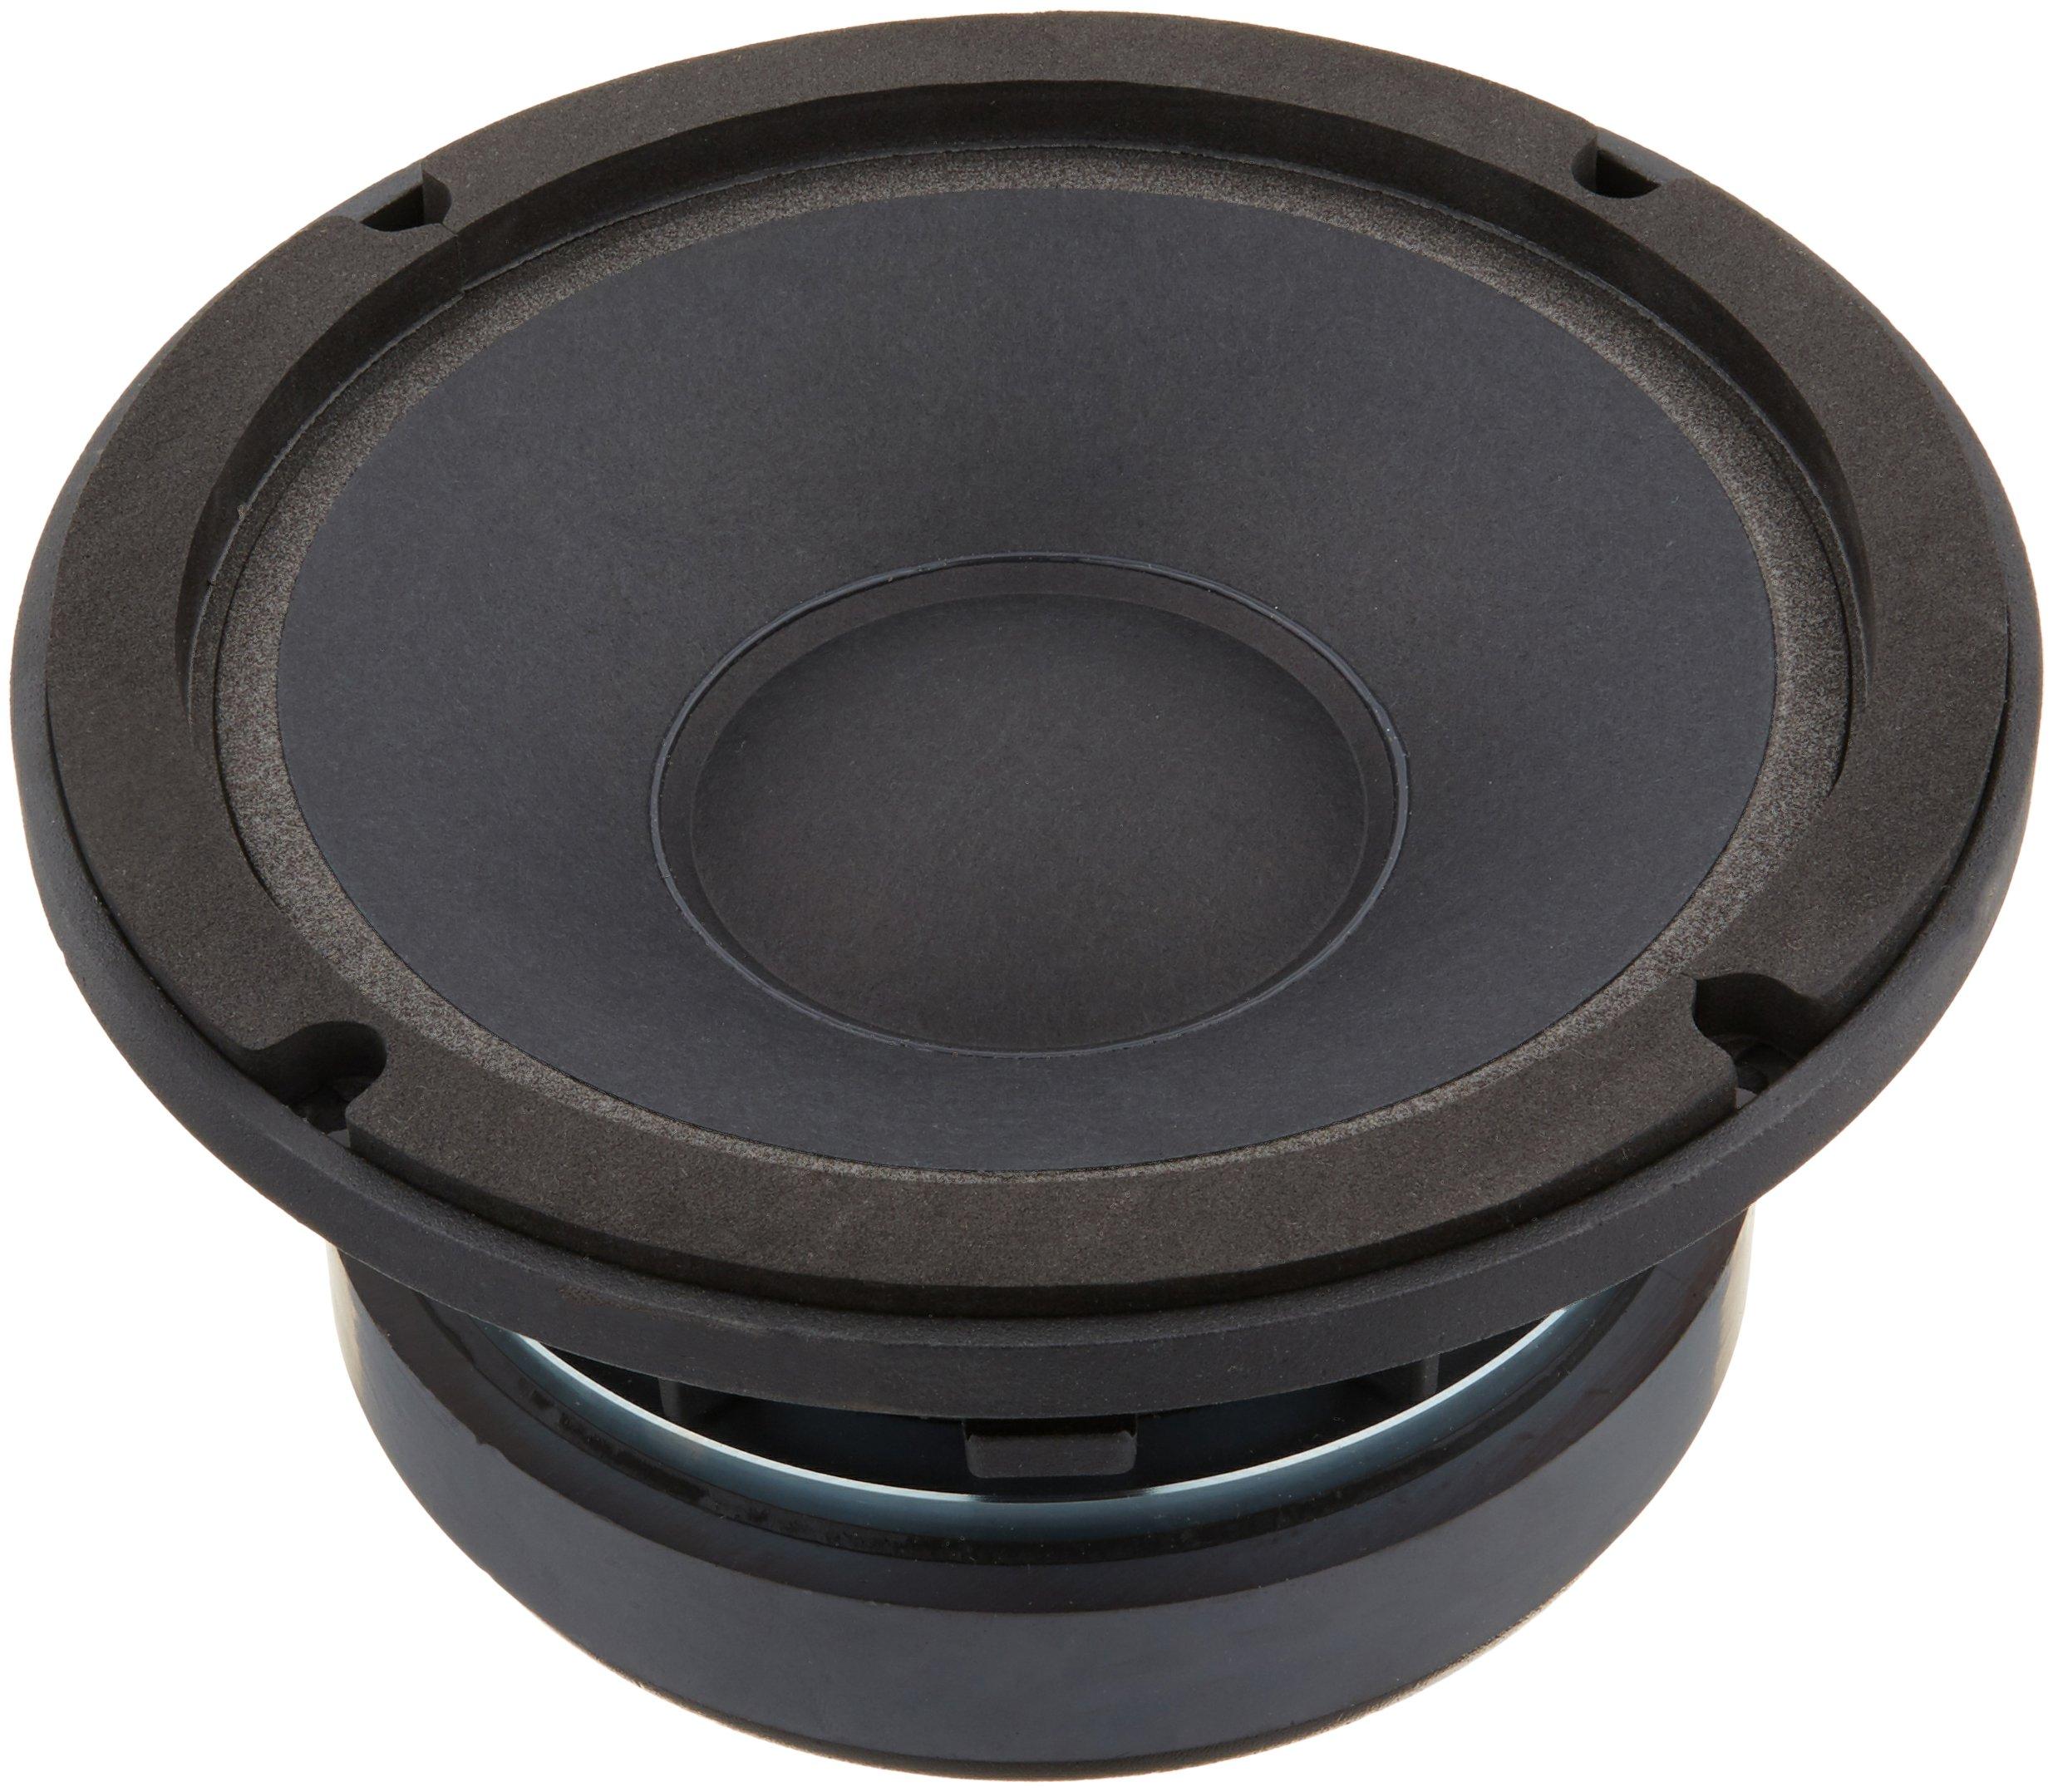 Beyma 6MI100 1000W, 6.5'', 8 Ohms, Midrange Speaker by Beyma (Image #1)